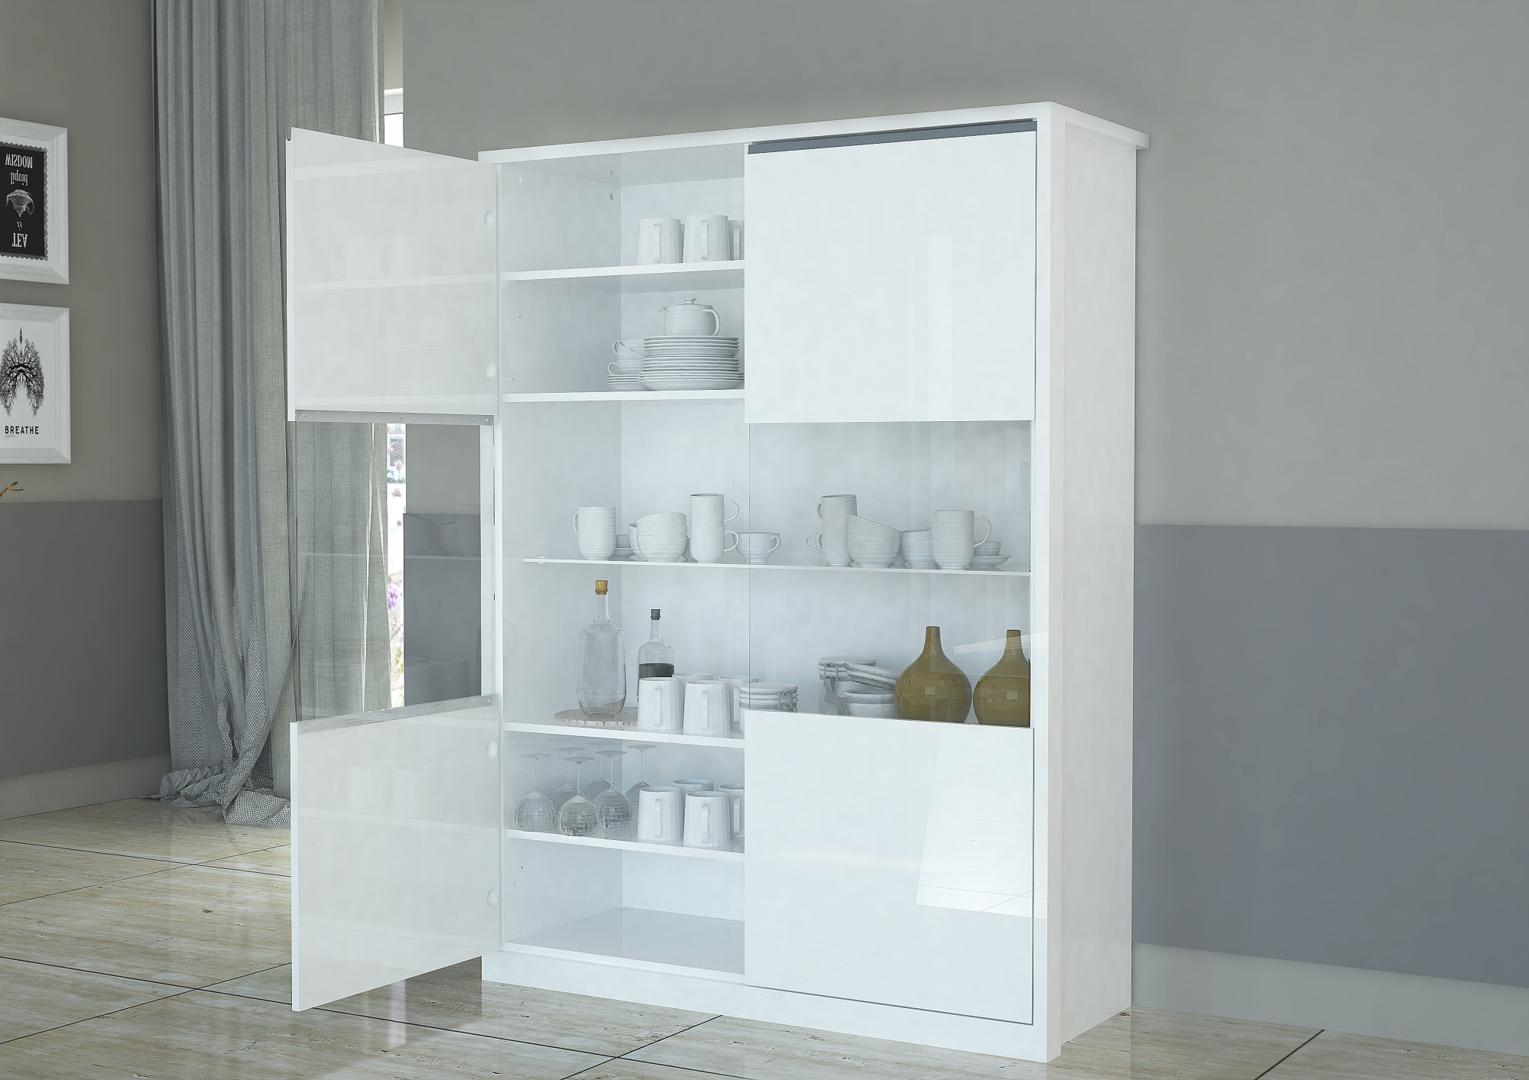 Credenza Moderna Lecce : Vetrina moderna per soggiorno le migliori idee la tua design